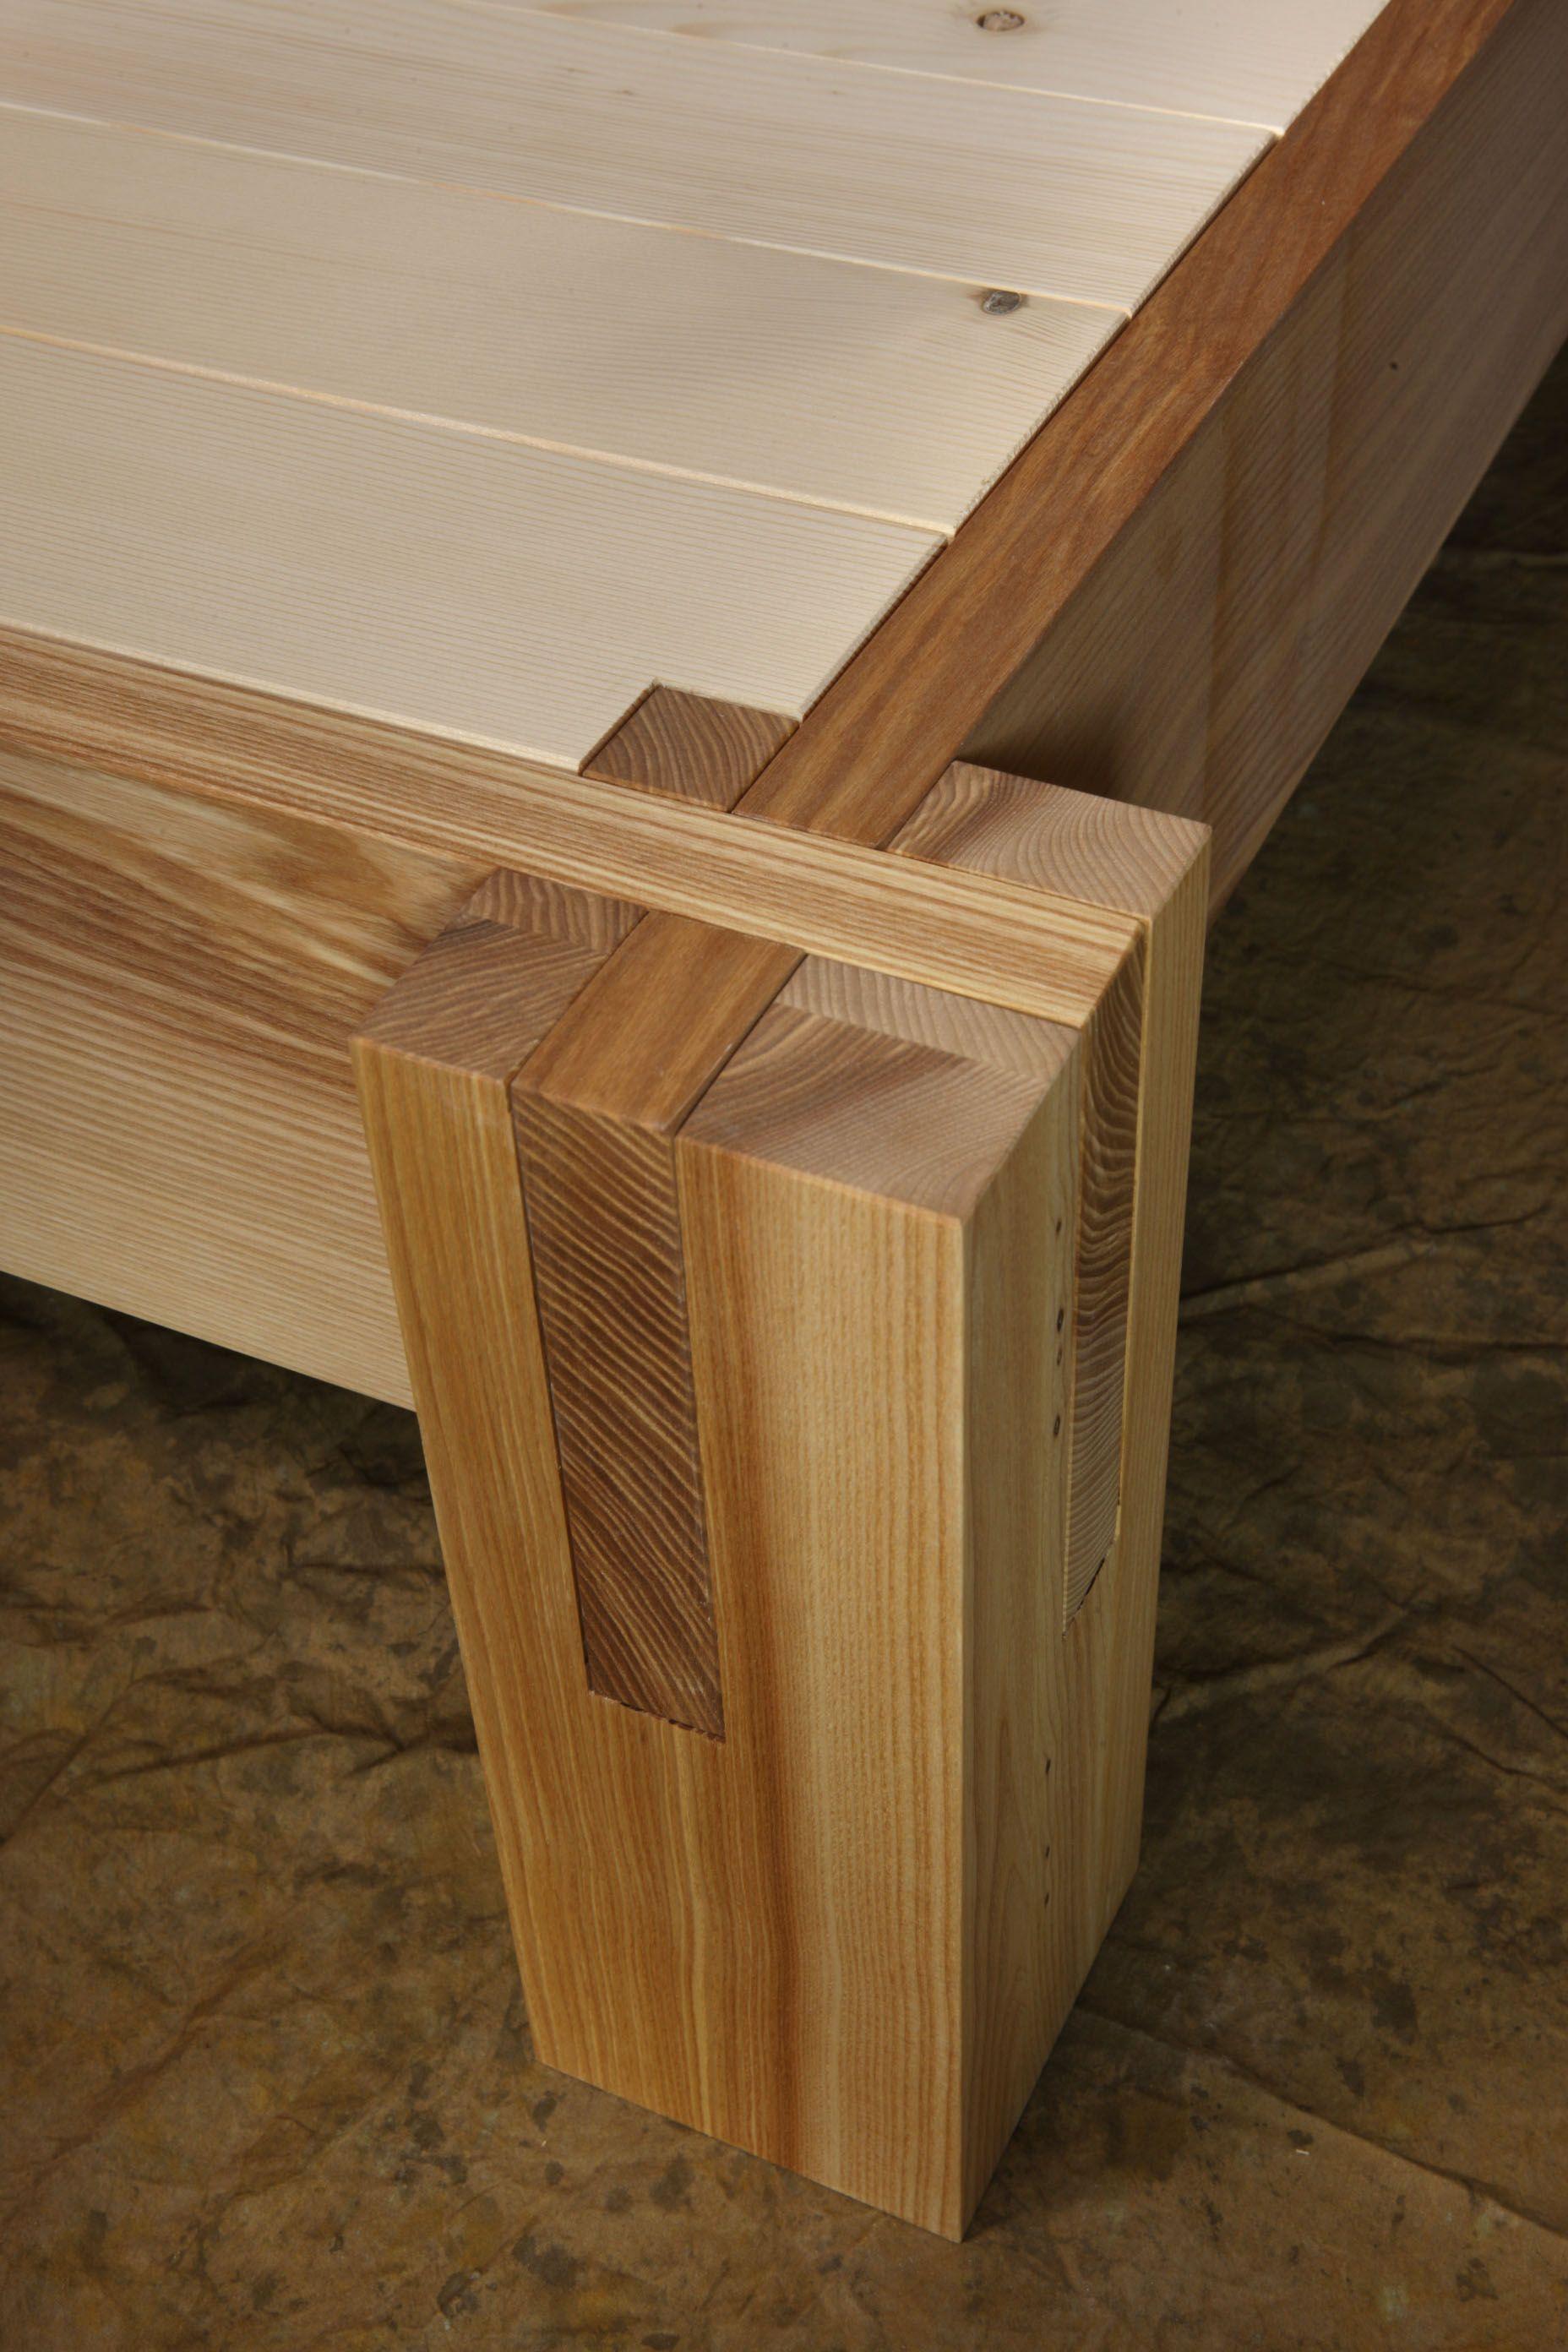 Letto Ecobrand - in legno massello | Bottega 130 by Anchema | Legno ...